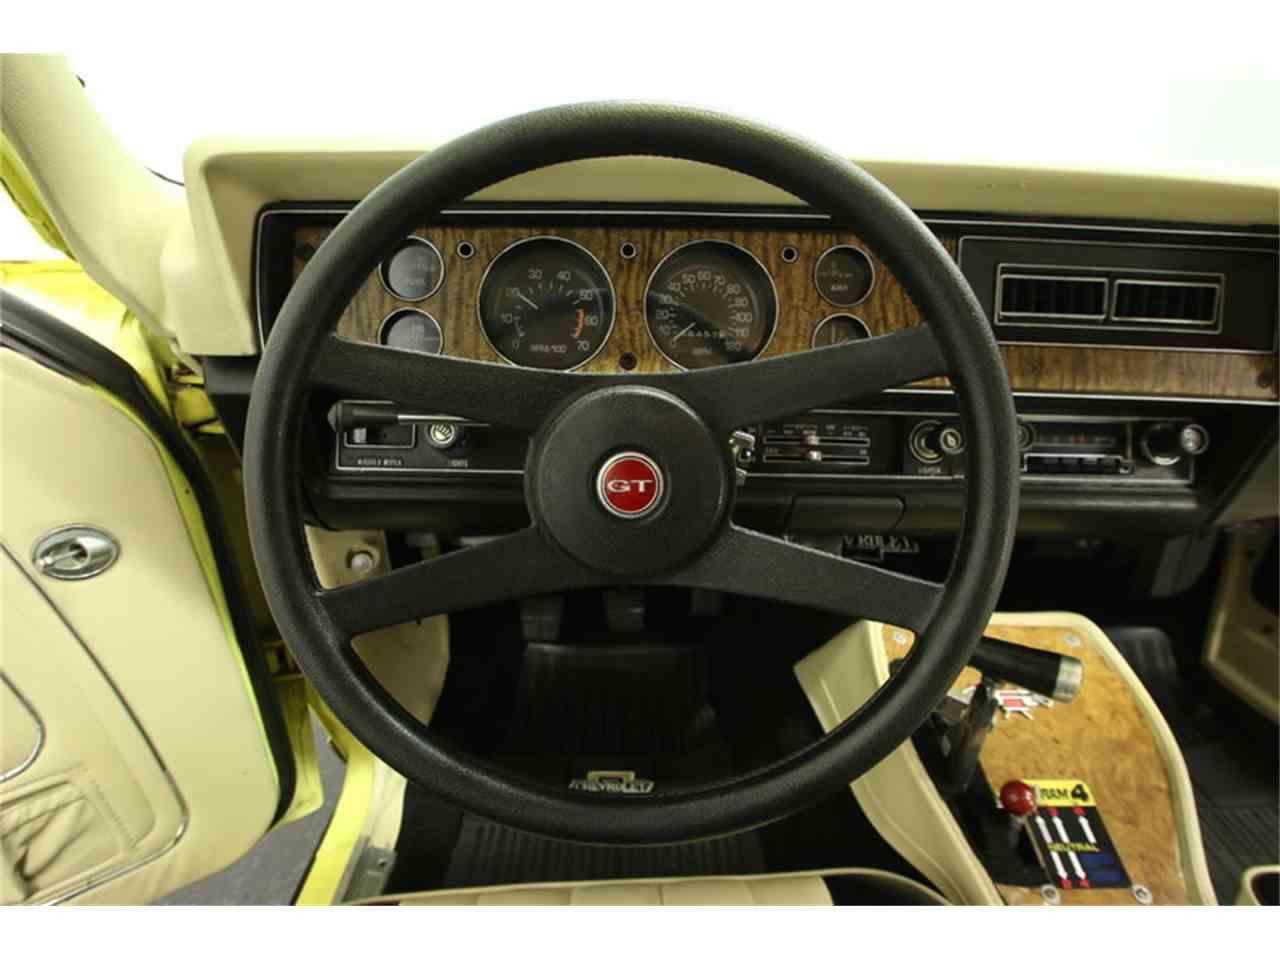 All Chevy 74 chevy vega gt : 1974 Chevrolet Vega for Sale   ClassicCars.com   CC-932556